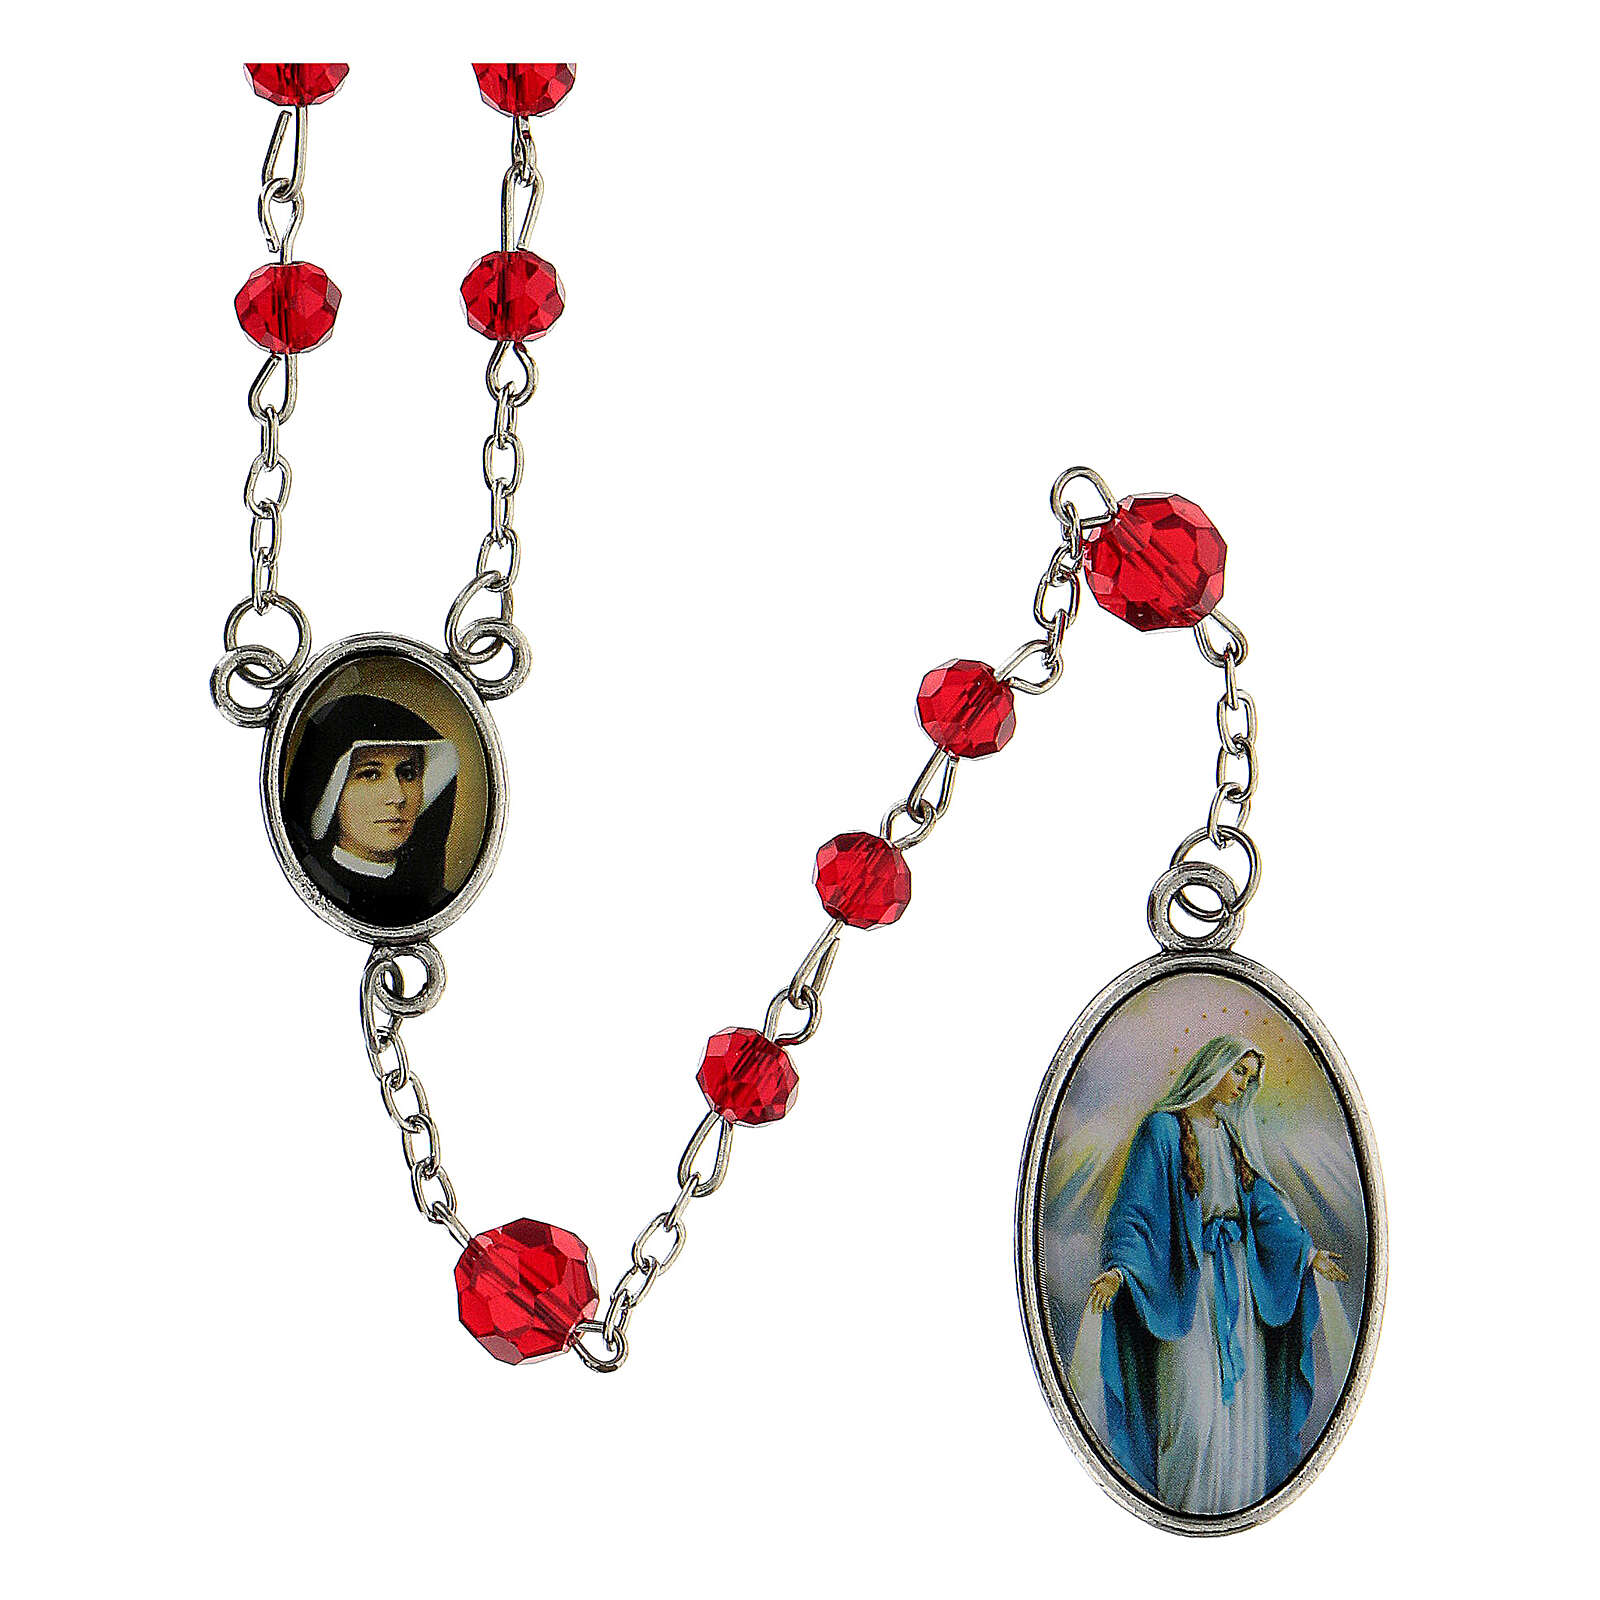 Różaniec Miłosierdzie Boże koraliki szlifowane szkło czerwone 6 mm - Kolekcja Korony Wiary 18/47 4